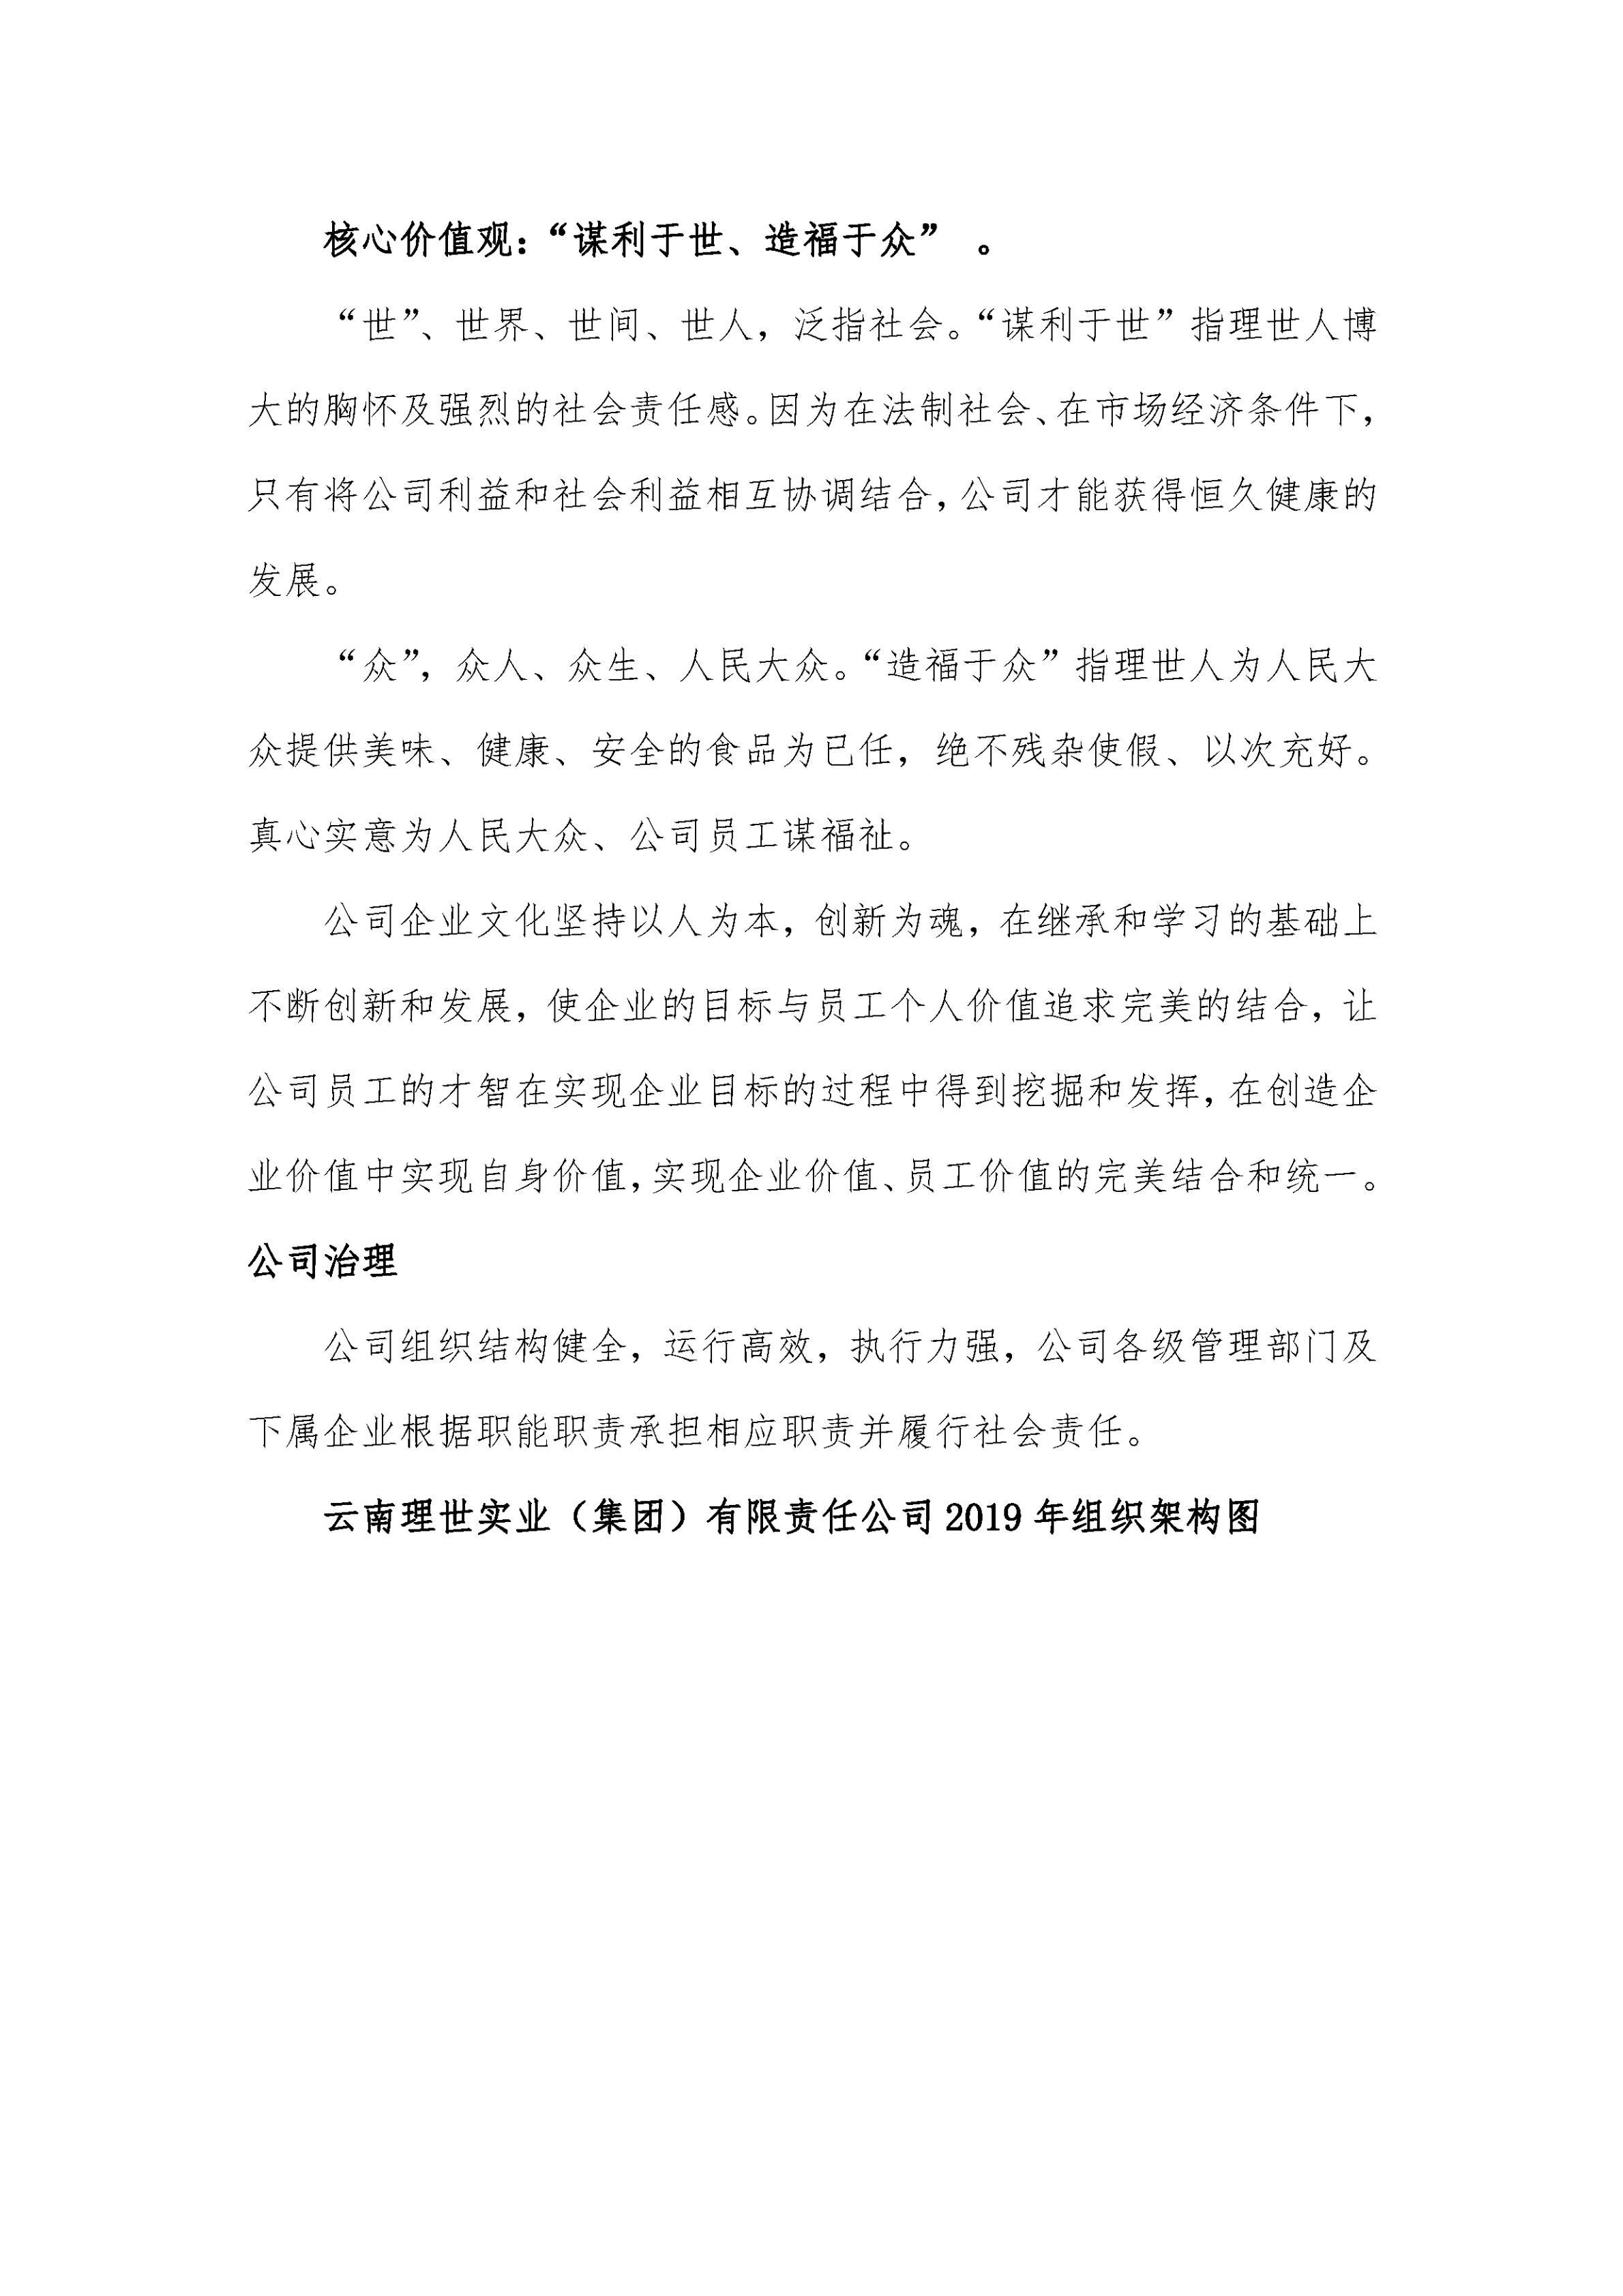 云南理世实业(集团)有限责任公司2019年社会责任报告.FR11_05.jpg